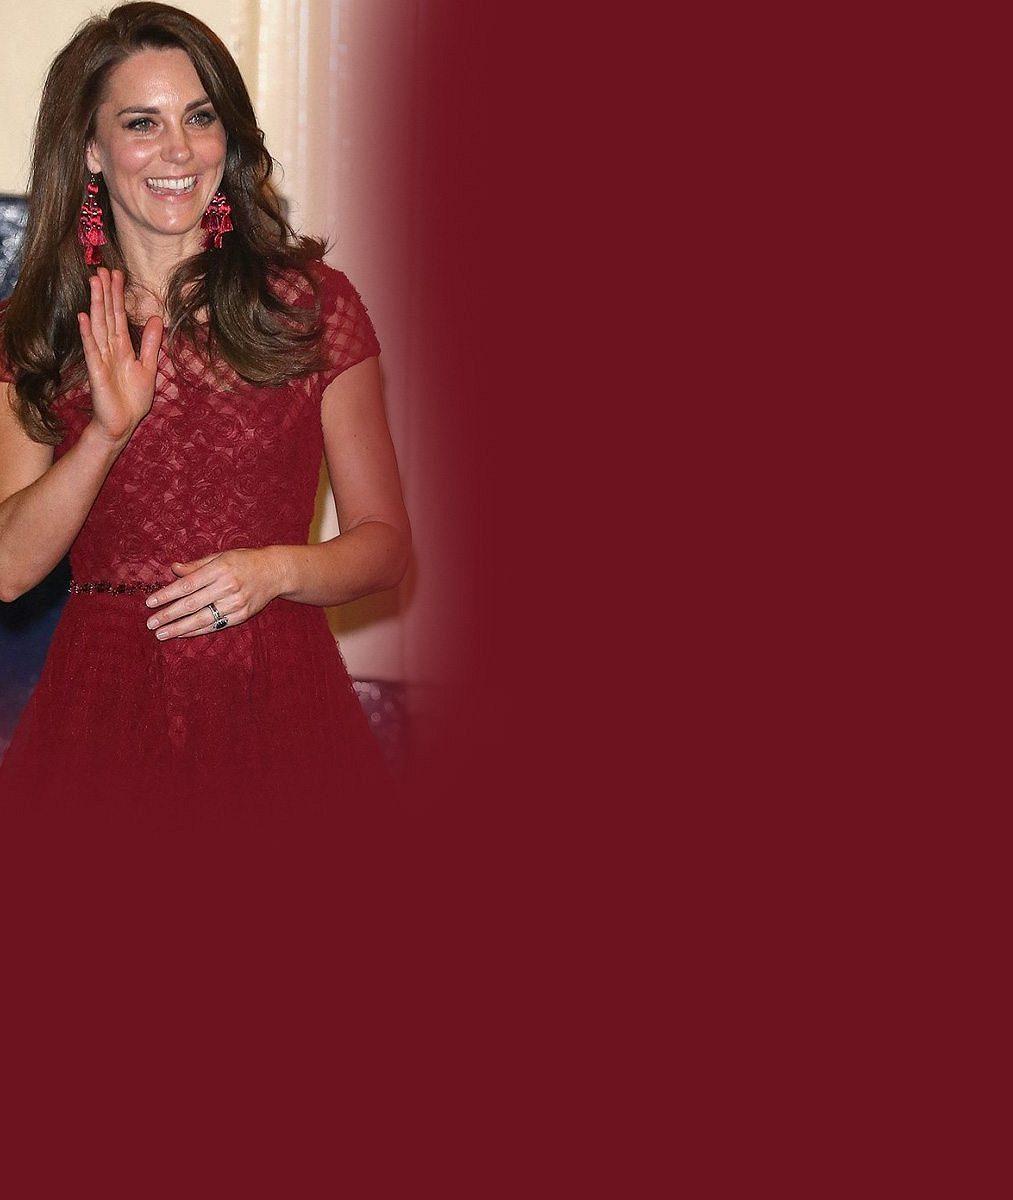 Půvabná vévodkyně Kate zpestřila premiéru muzikálu: Skvěle padnoucí šaty sladila s červeným kobercem